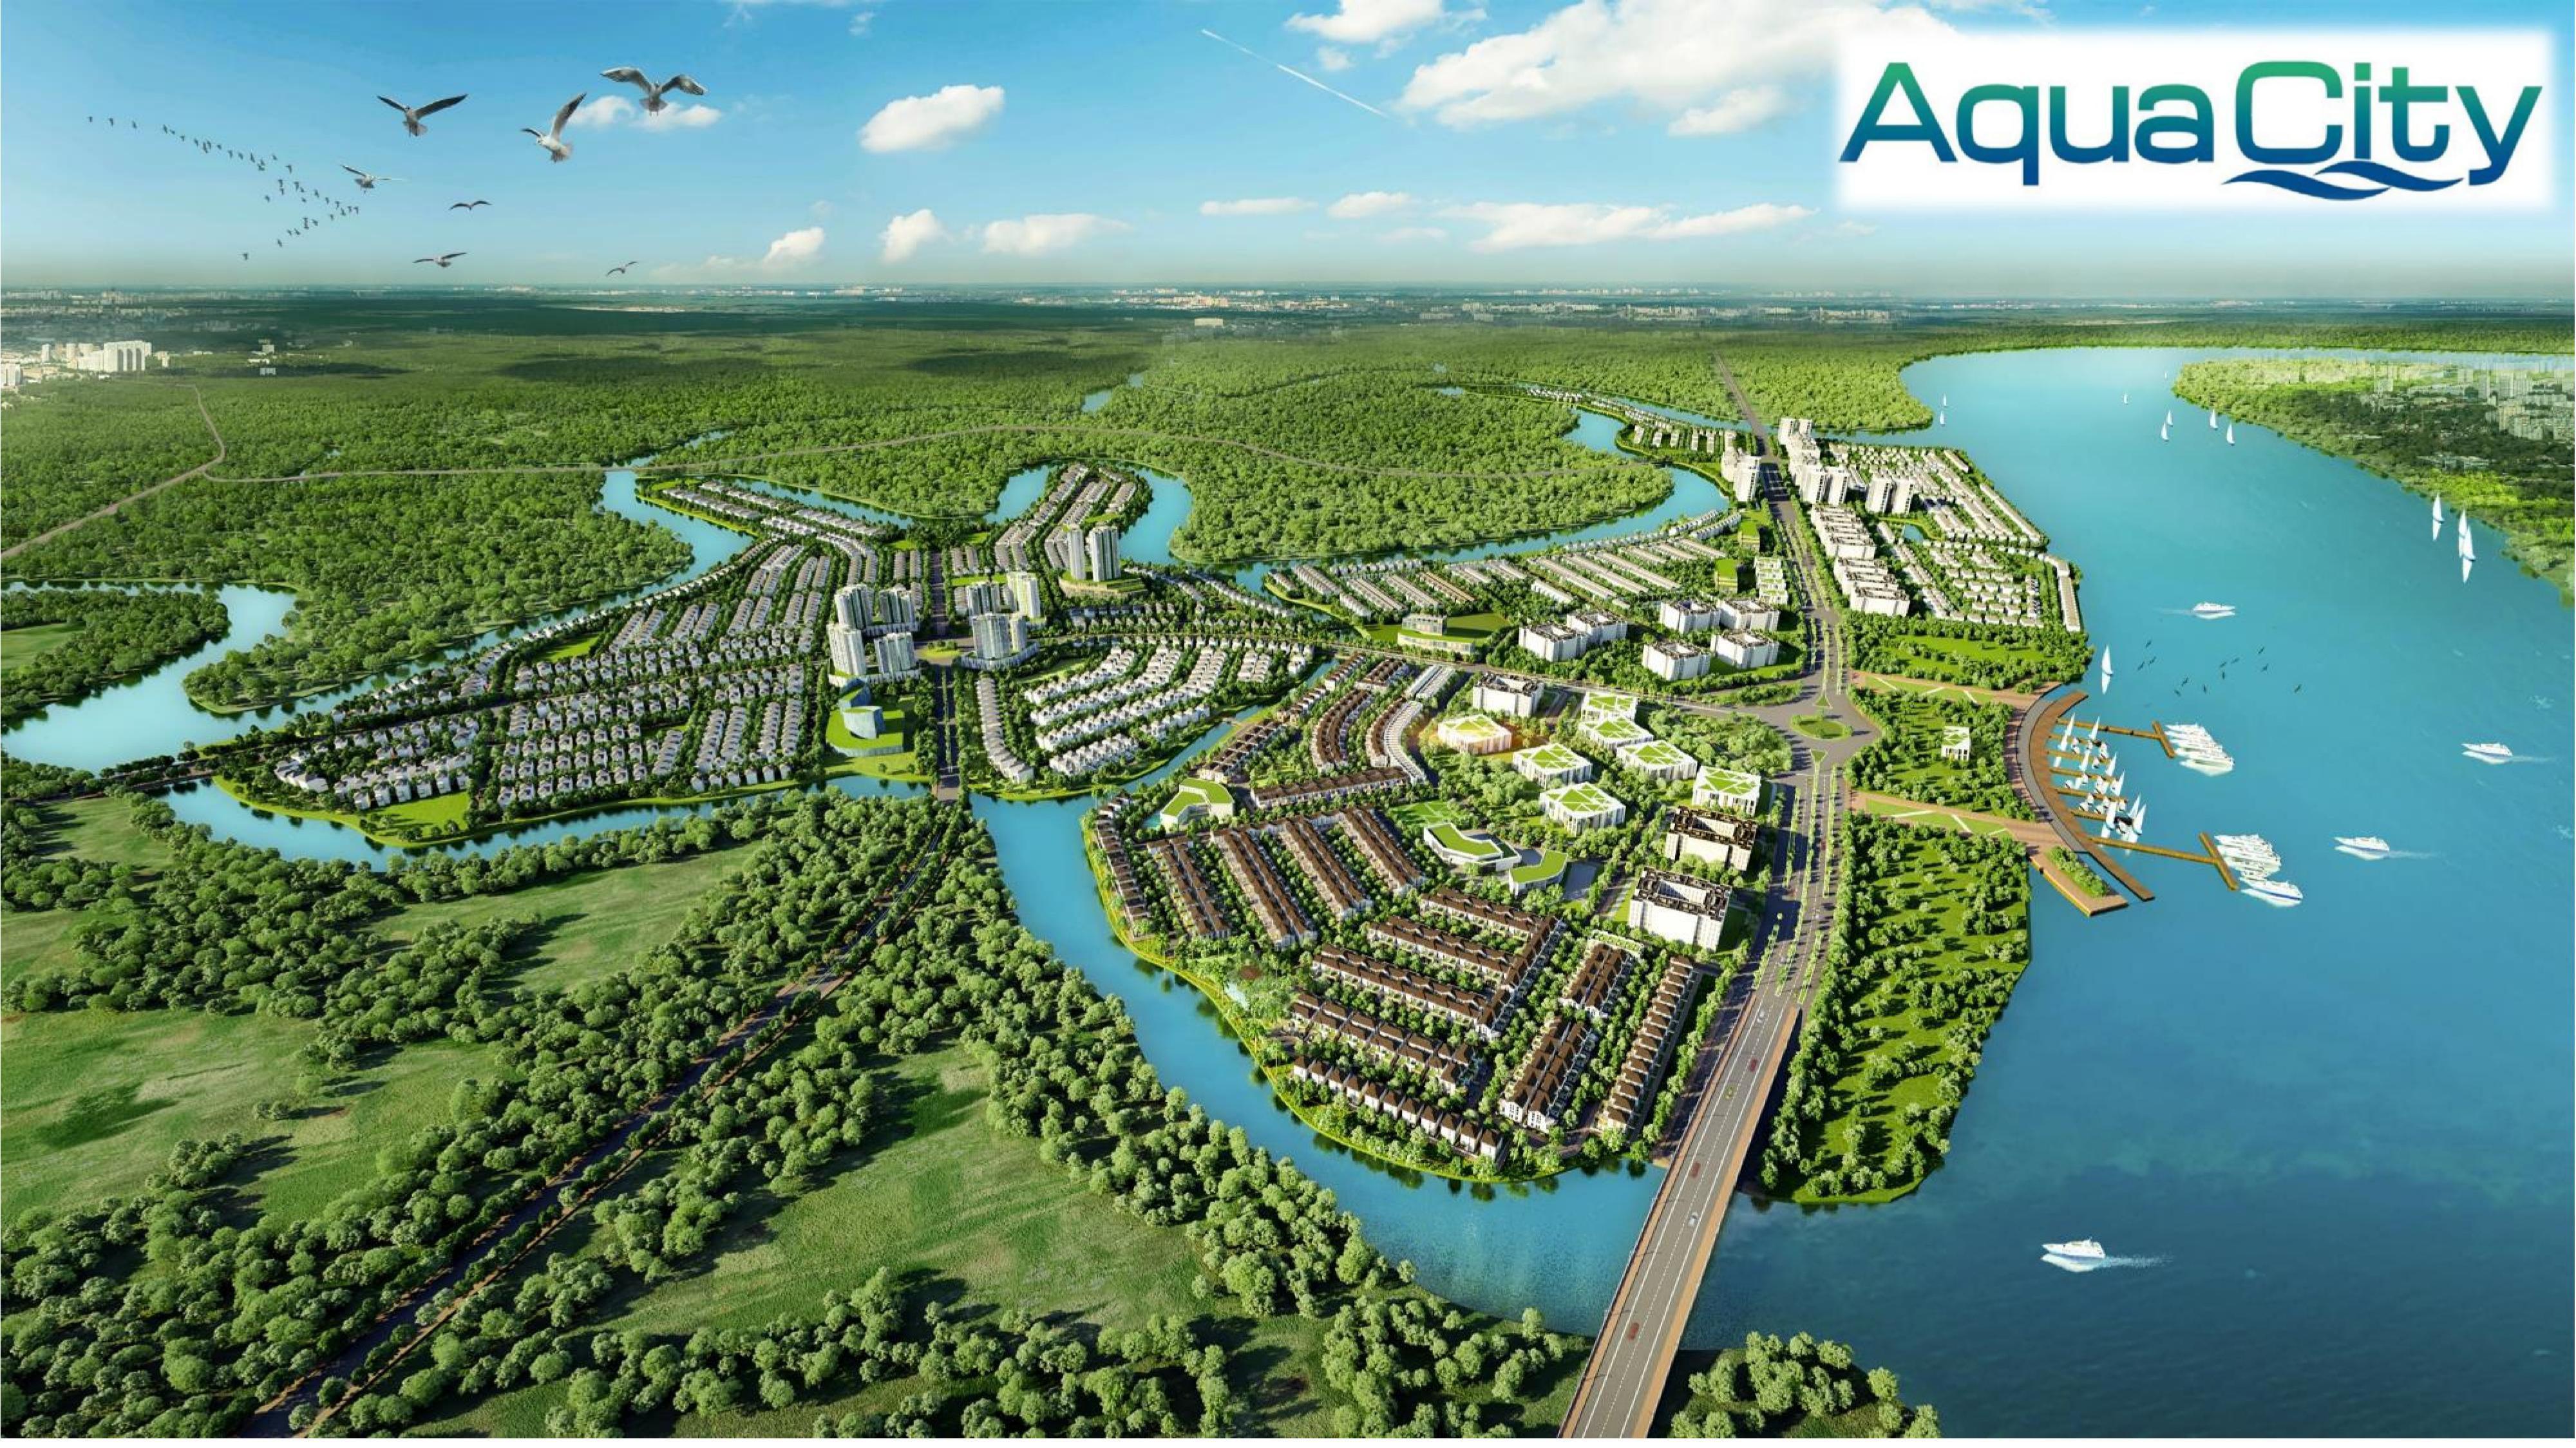 Vị trí dự án Aqua City có đặc điểm gì nổi bật?